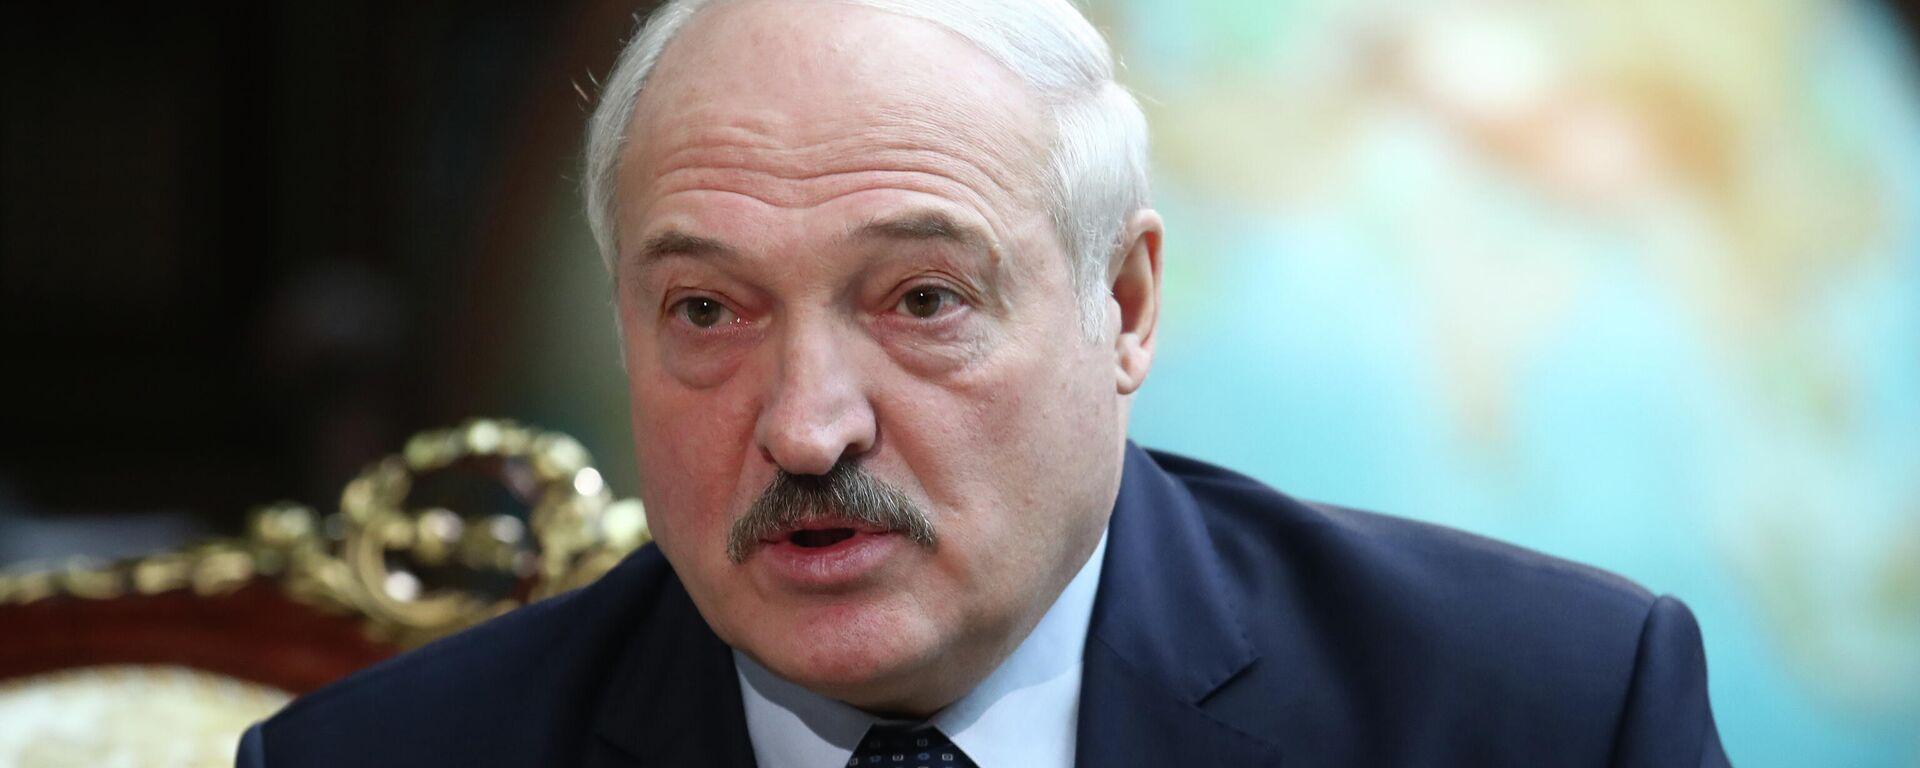 Alexander Lukaschenko (Archivfoto) - SNA, 1920, 30.09.2021